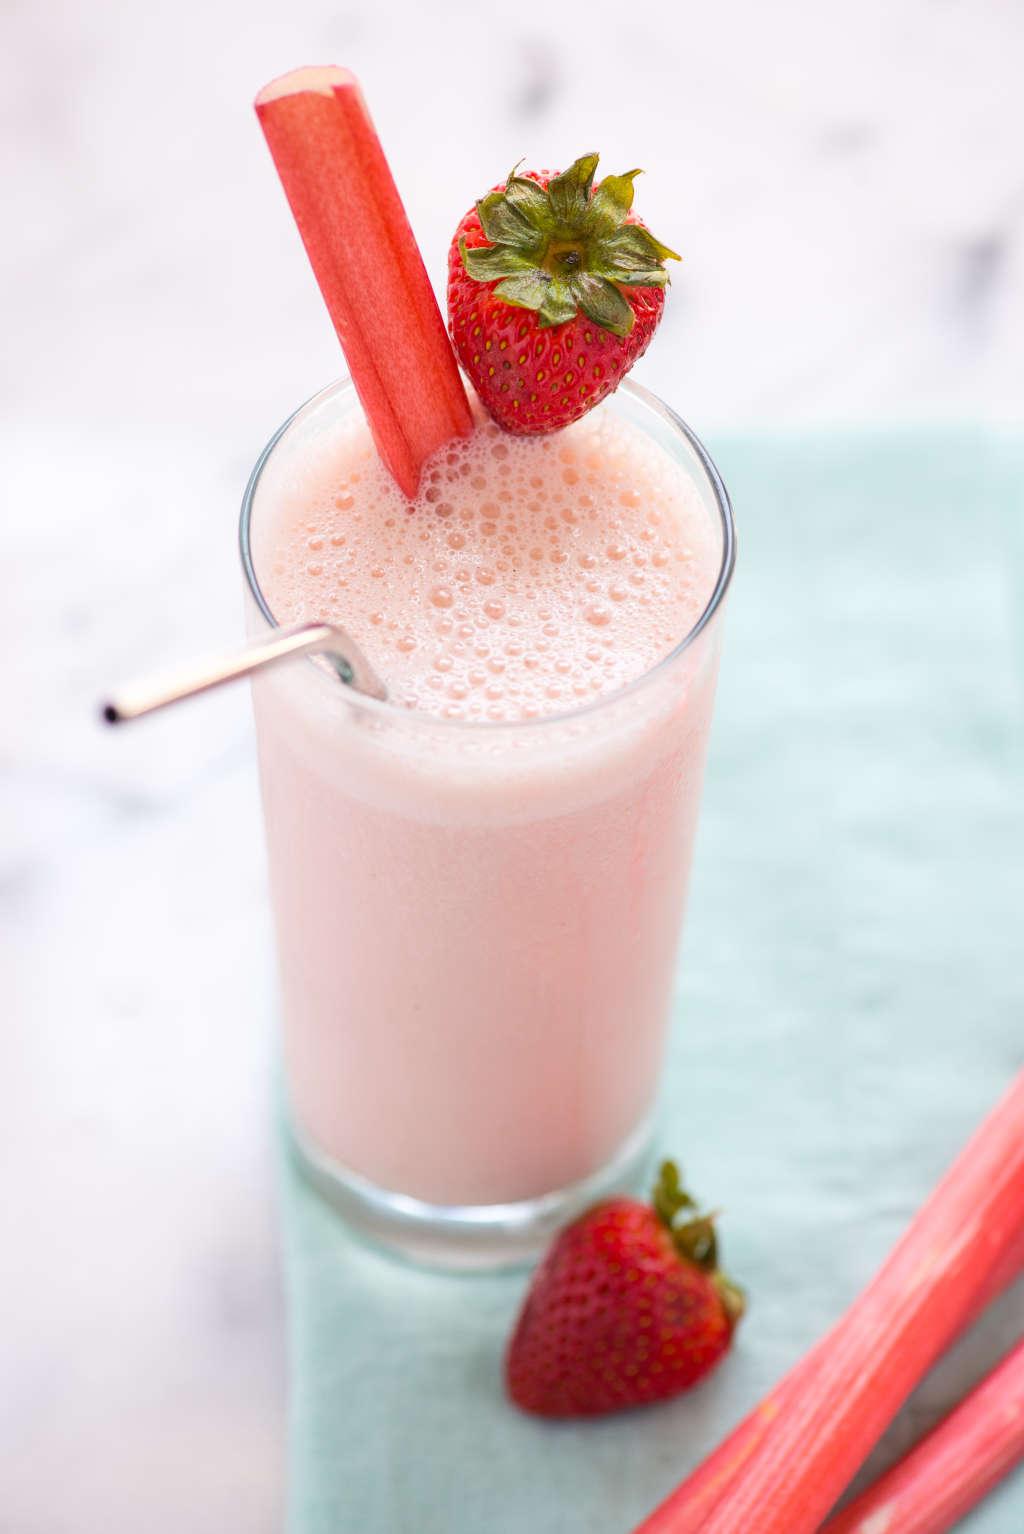 10 Ways To Get Your Strawberry-Rhubarb Fix